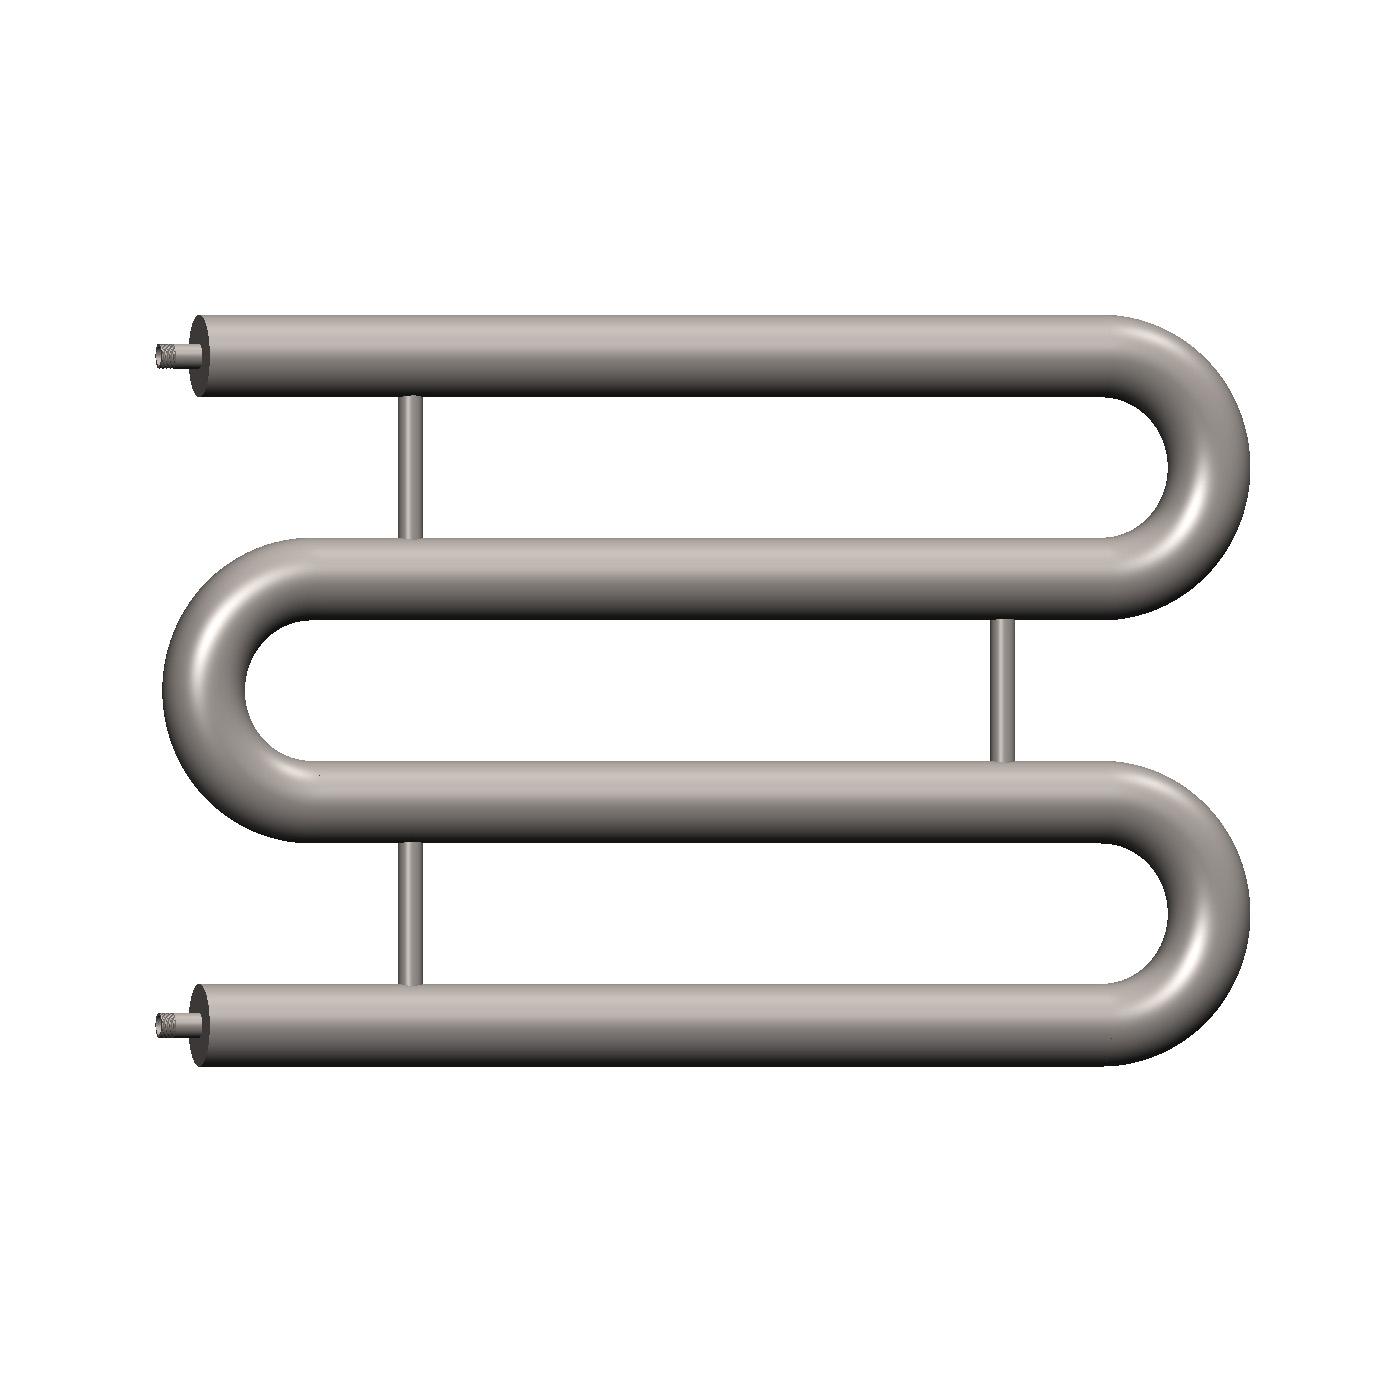 Змеевиковый регистр отопления на 4 секции стальной серии РОЗ-4х65х2500